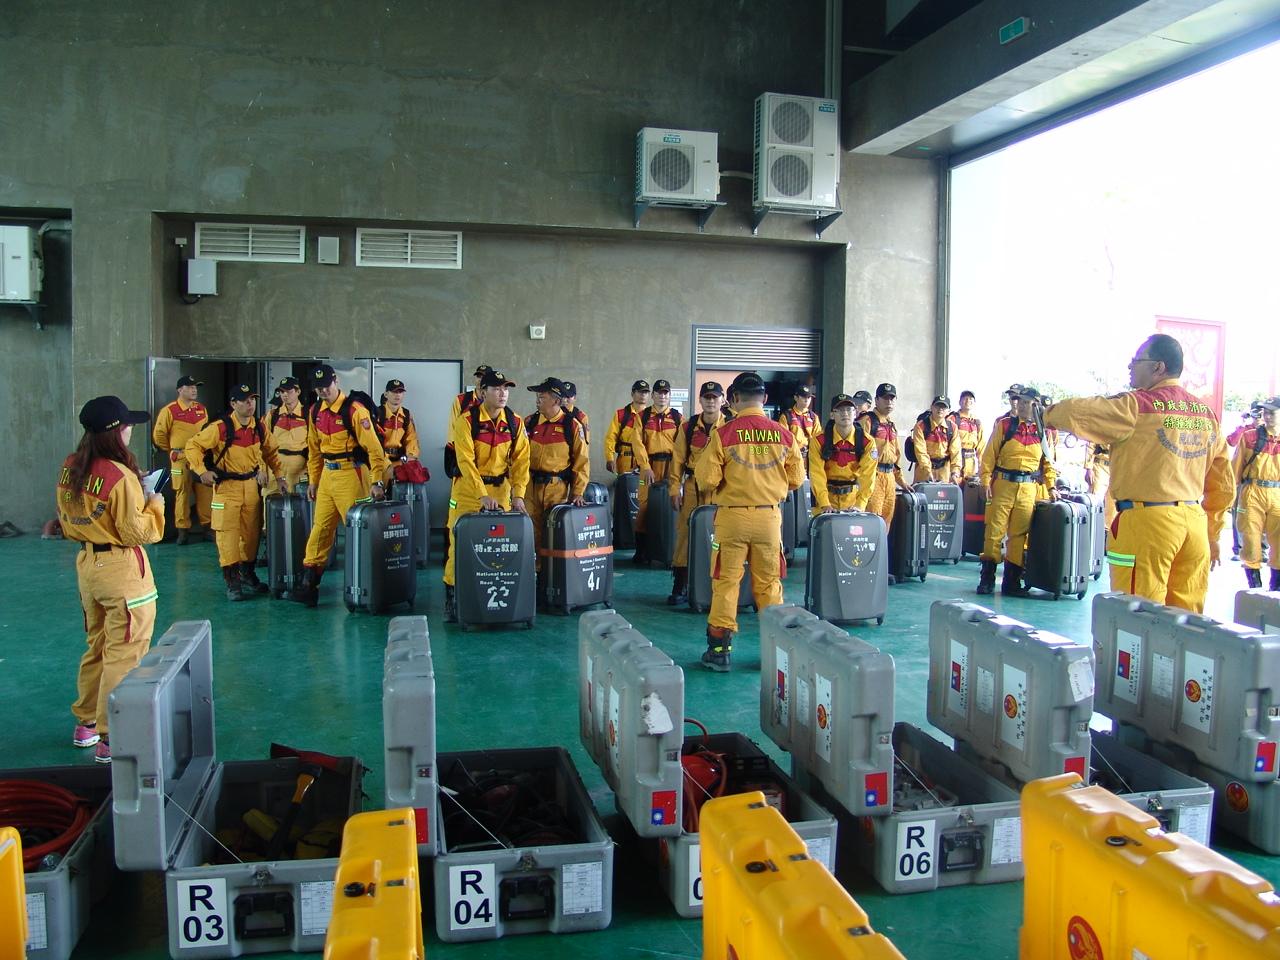 內政部消防署搜救隊員整備各項震災救援器材